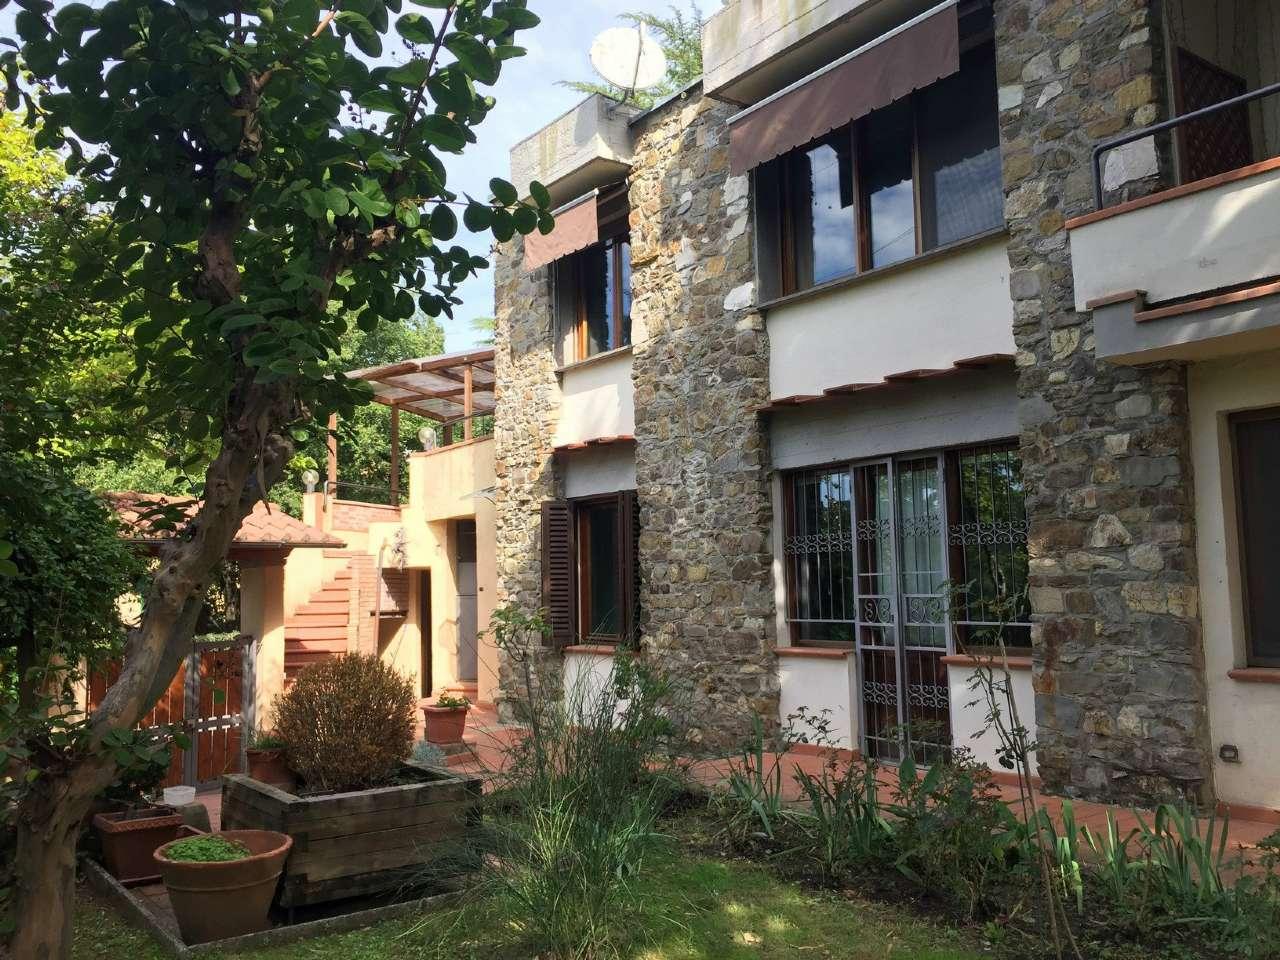 Casa indipendente in Vendita a Fiesole Periferia: 5 locali, 200 mq